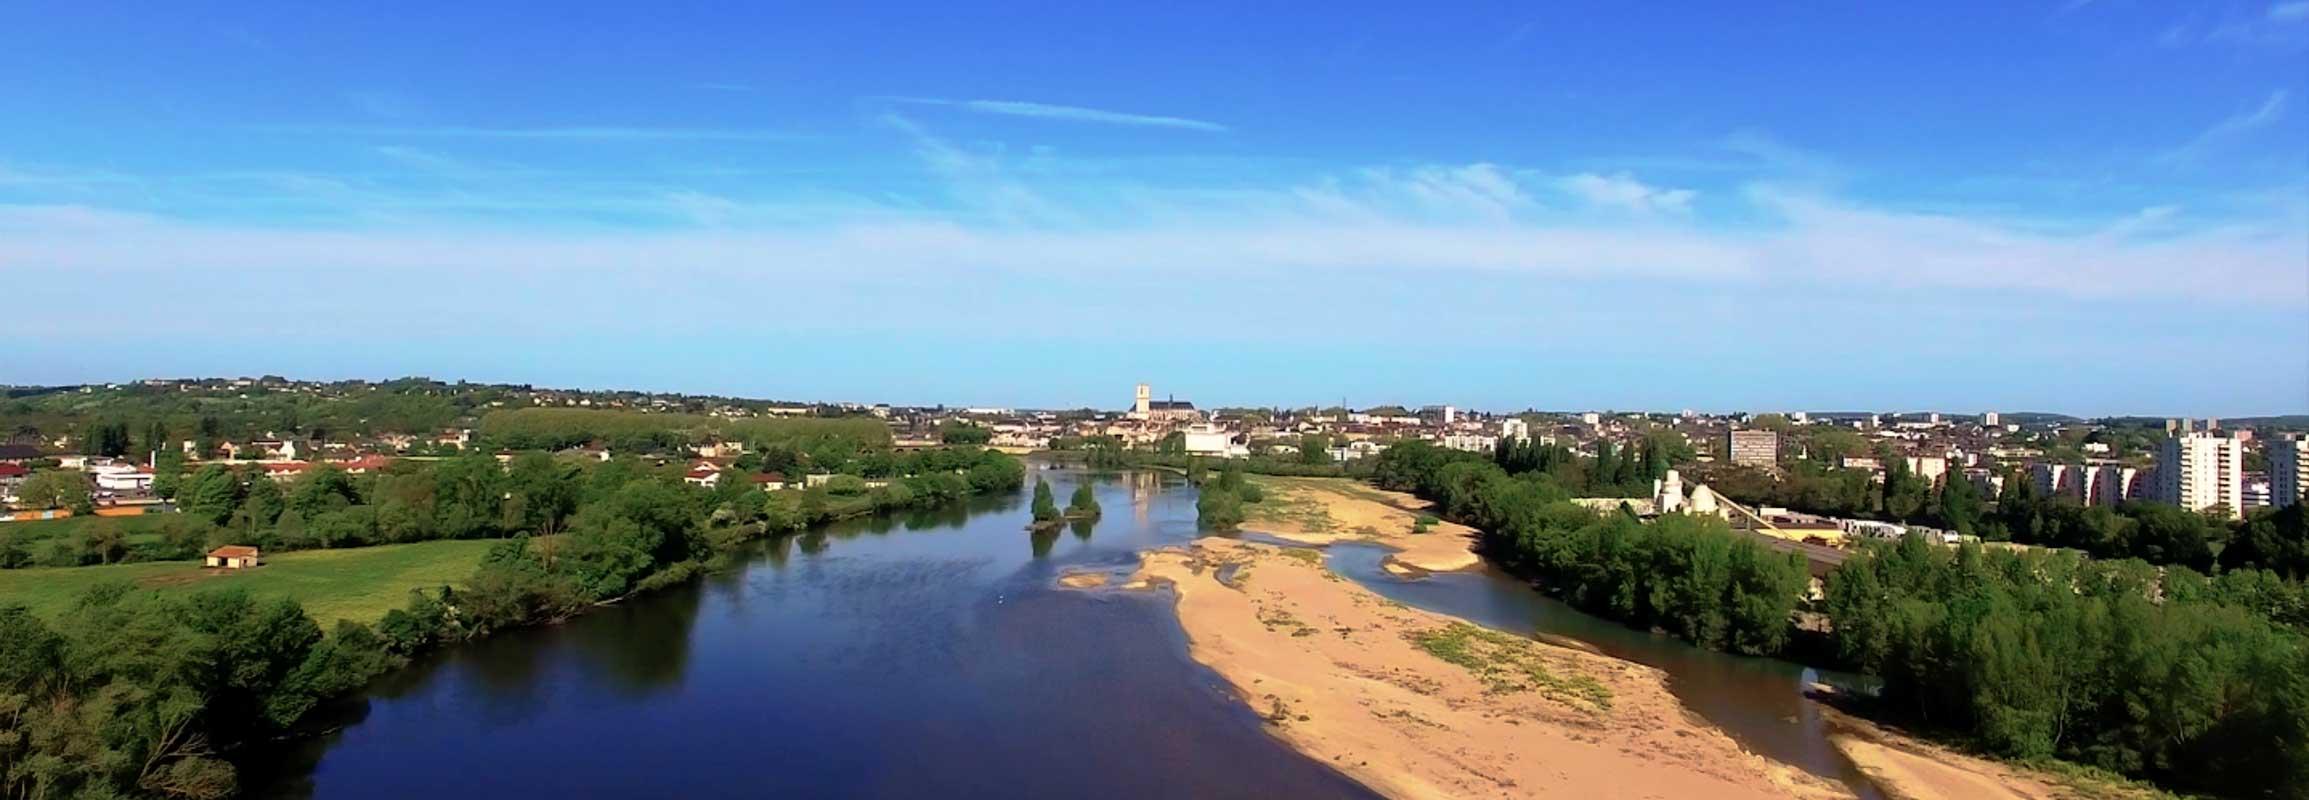 Bec de l'Allier Nièvre film aérien Drone